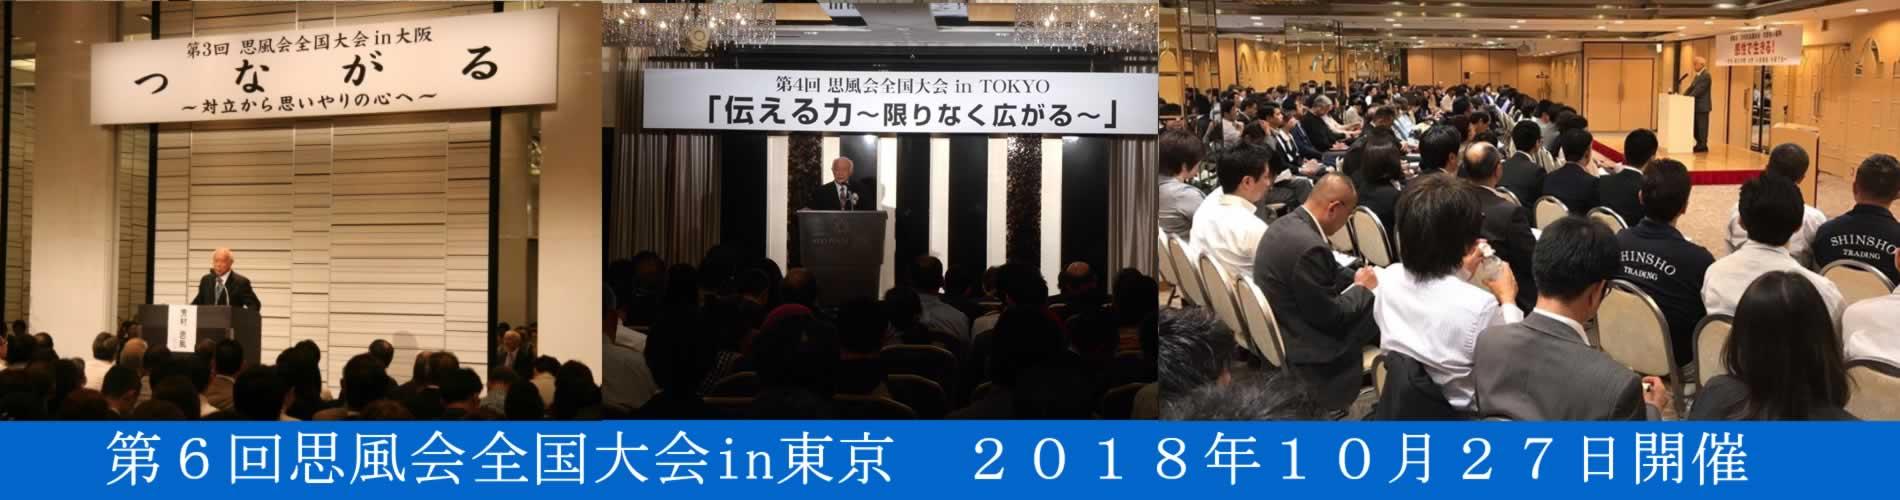 第6回思風会全国大会は2018年10月27日東京で開催